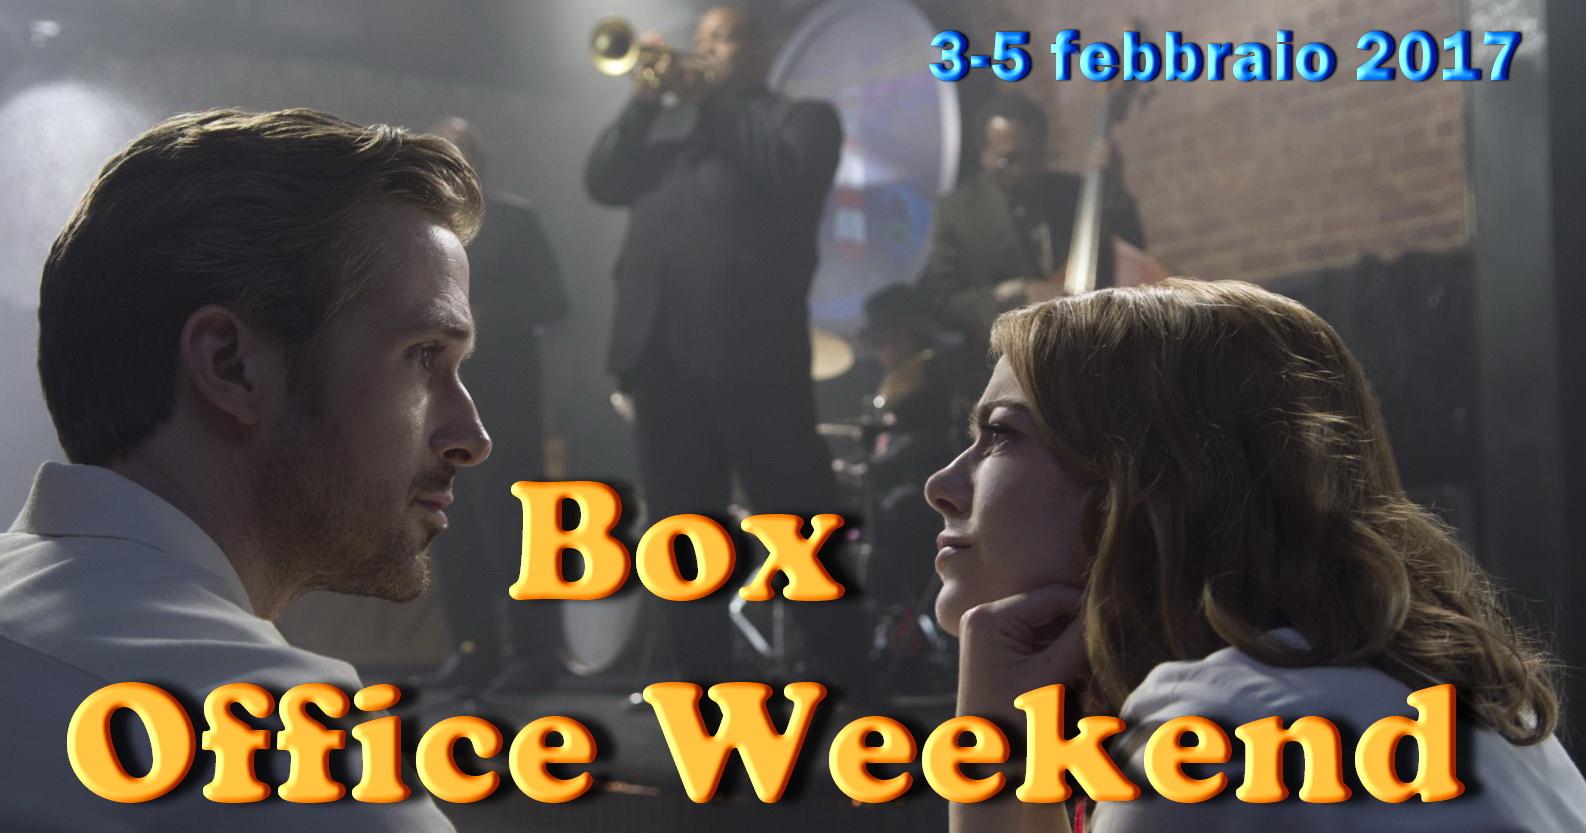 Primo appuntamento di febbraio con la rubrica Box Office Weekend e gli incassi del fine settimana cinematografico:in attesa degli Oscar il musical La La Land conquista la vetta. Era inevitabile. […]